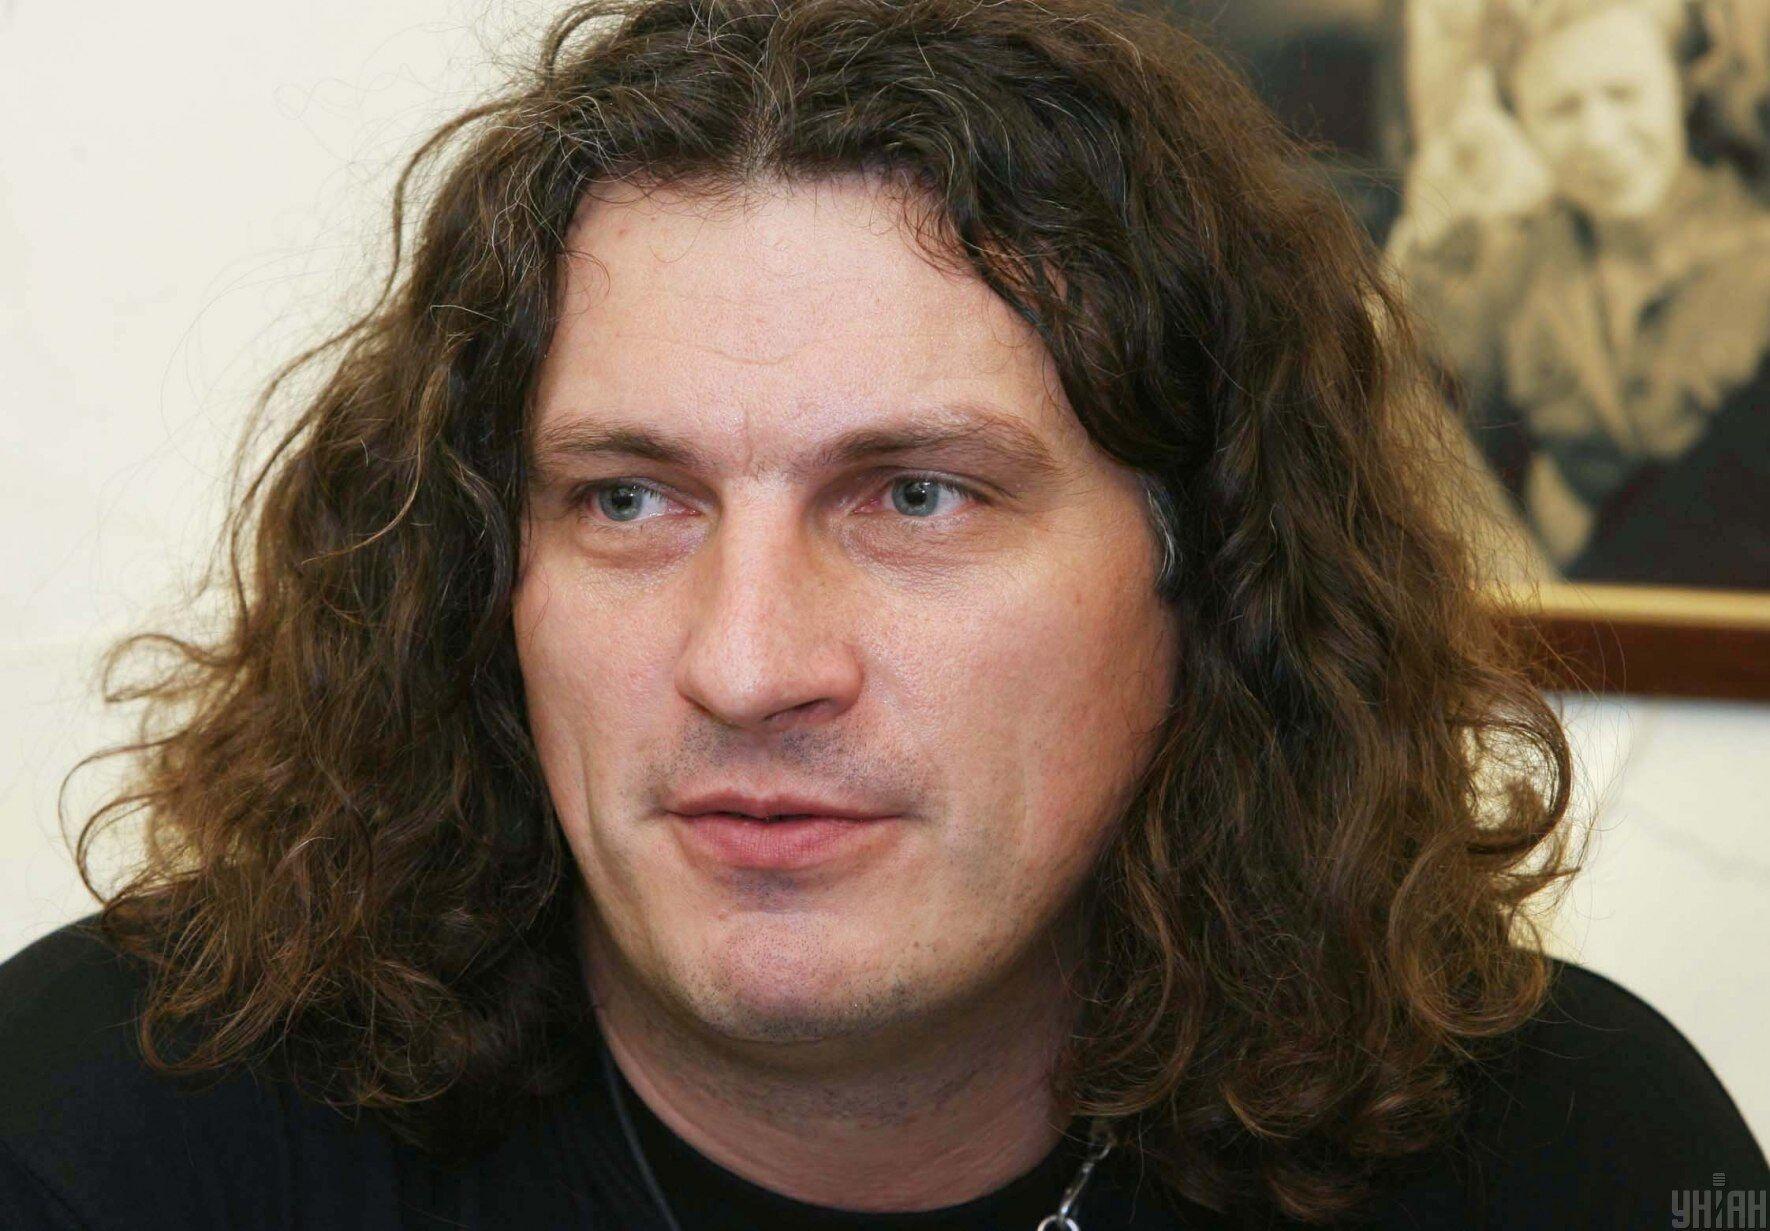 """Андрей Кузьменко на презентации проекта """"Пающие трусы"""" во Львове, 13 марта 2008 года"""